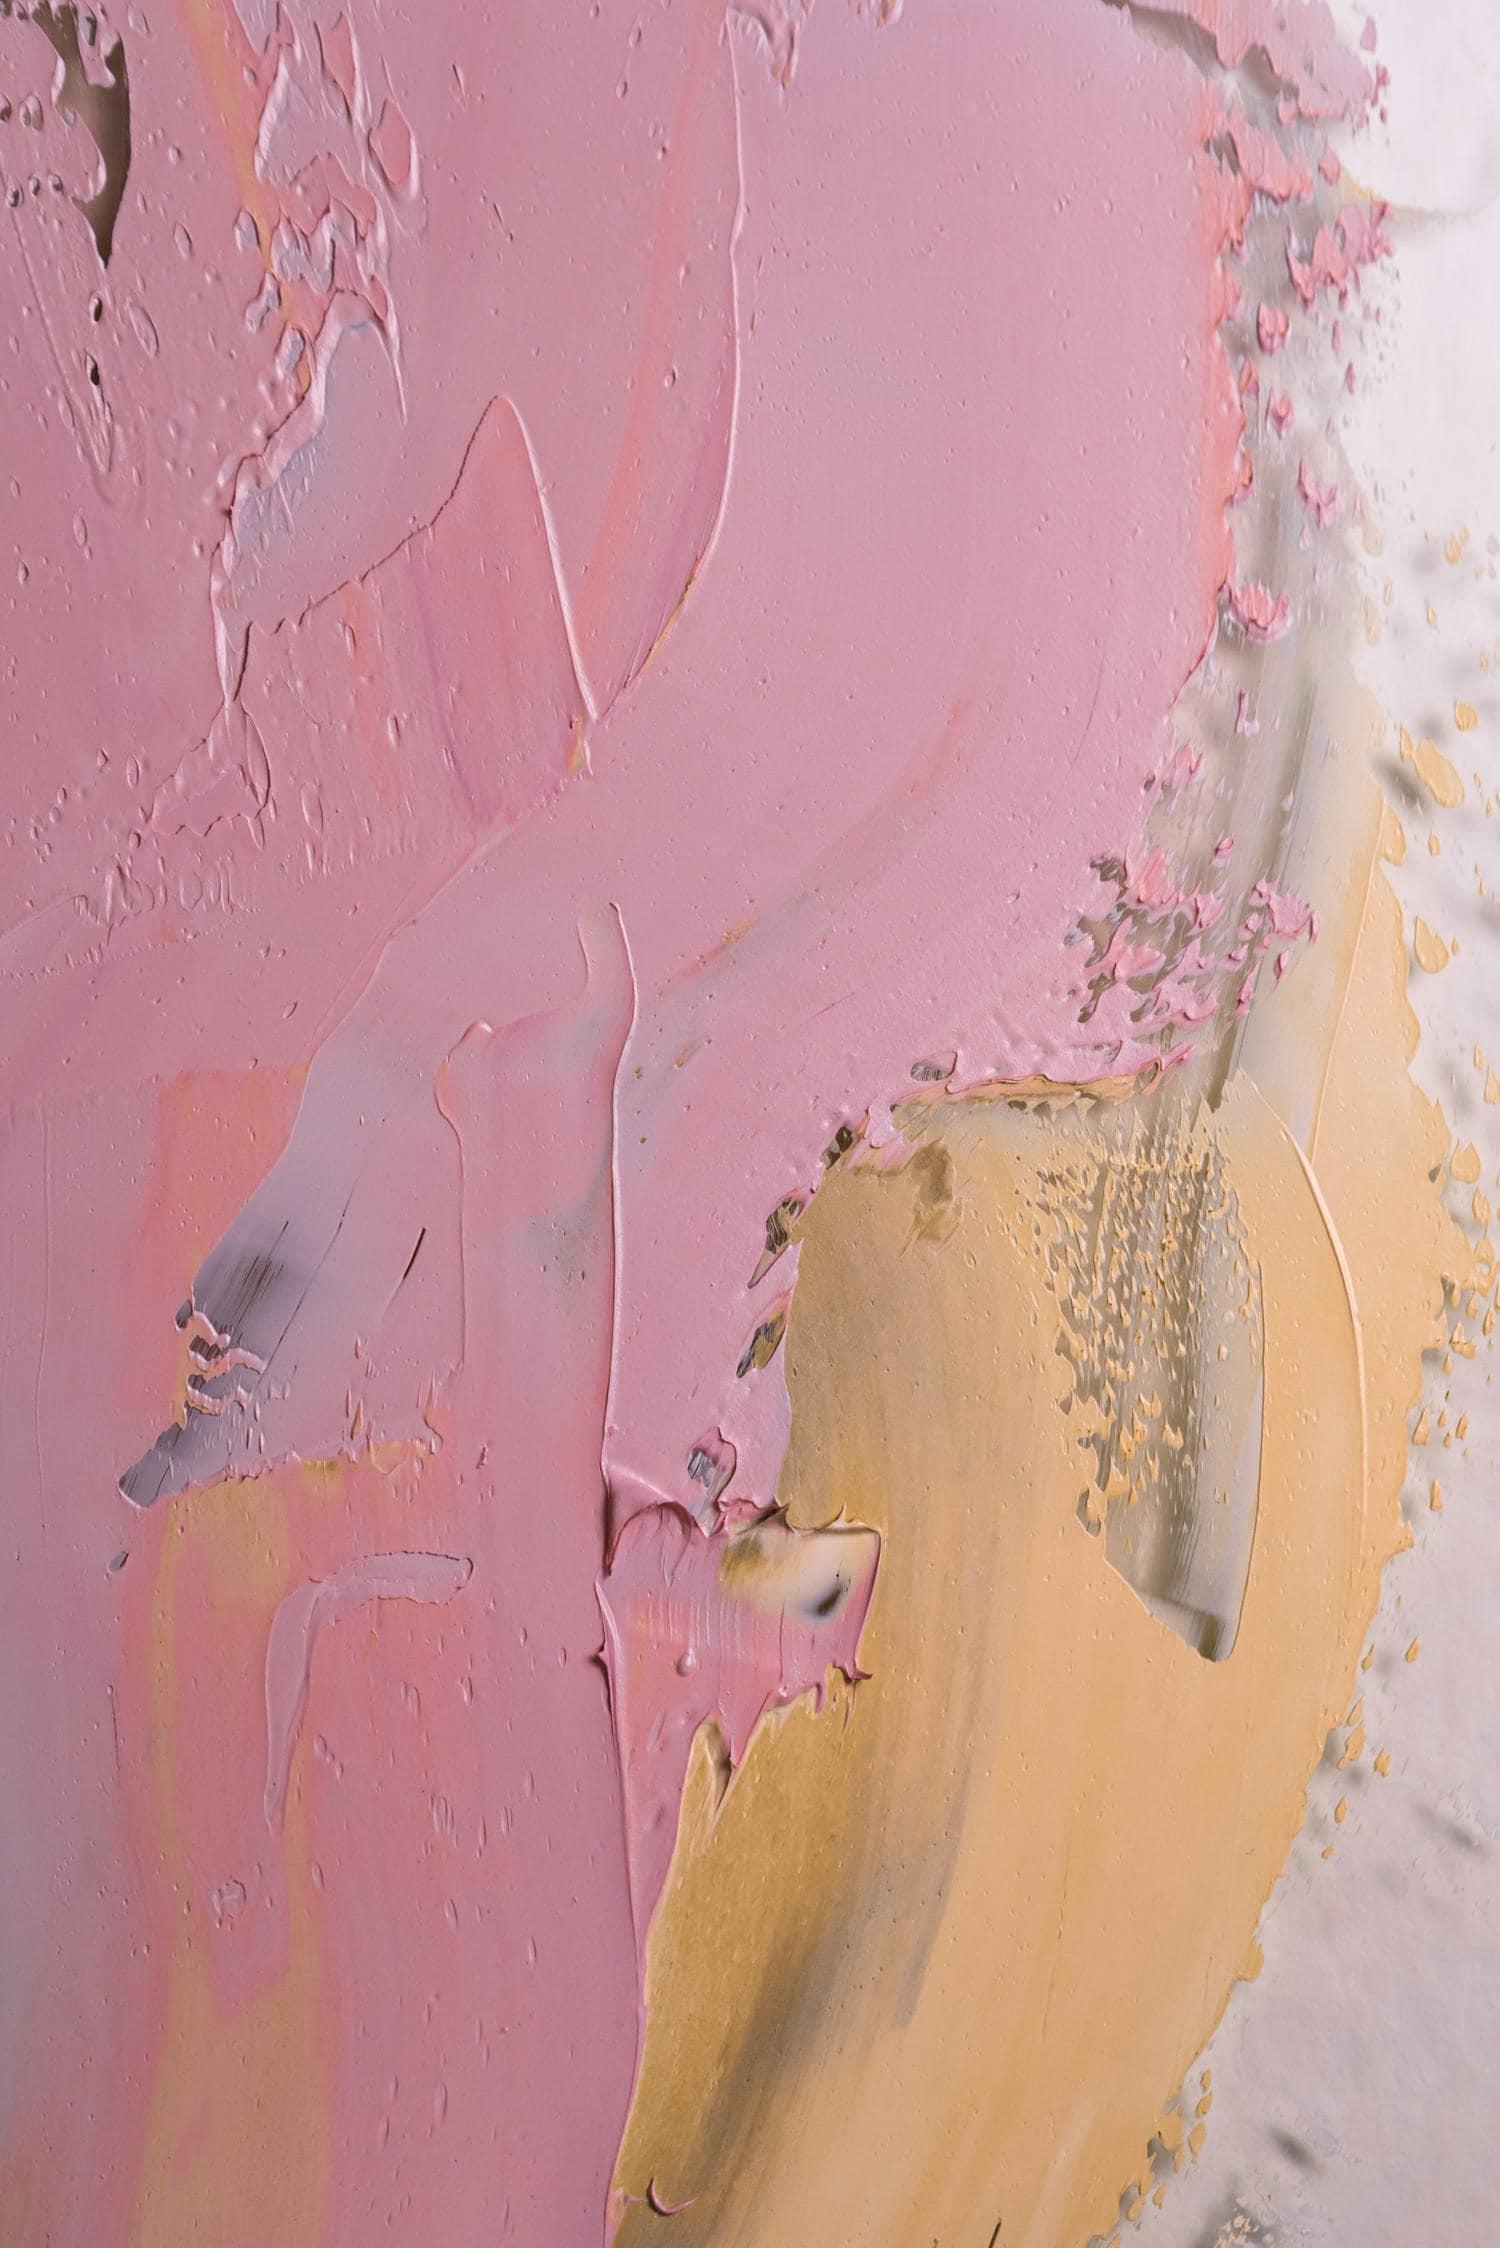 Textura de pintura